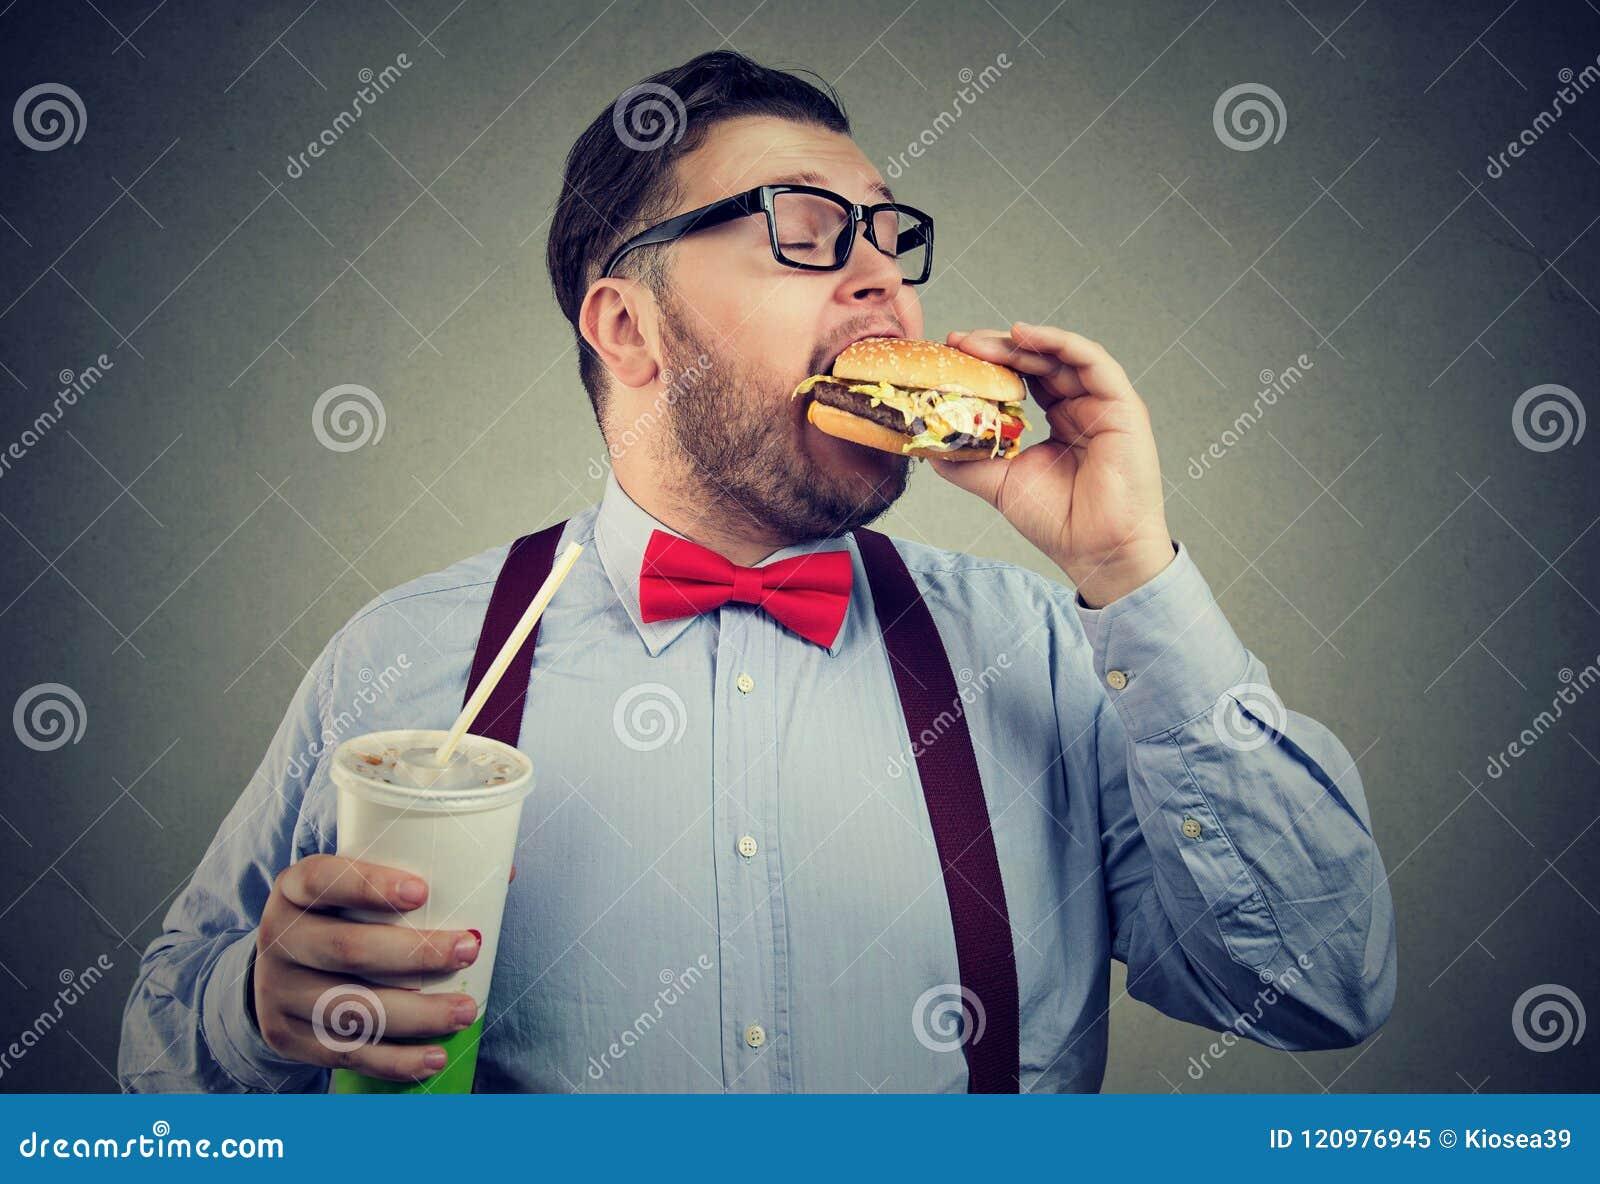 Negocio gordo antropófago con apetito una hamburguesa que sostiene una poder de la bebida de la soda